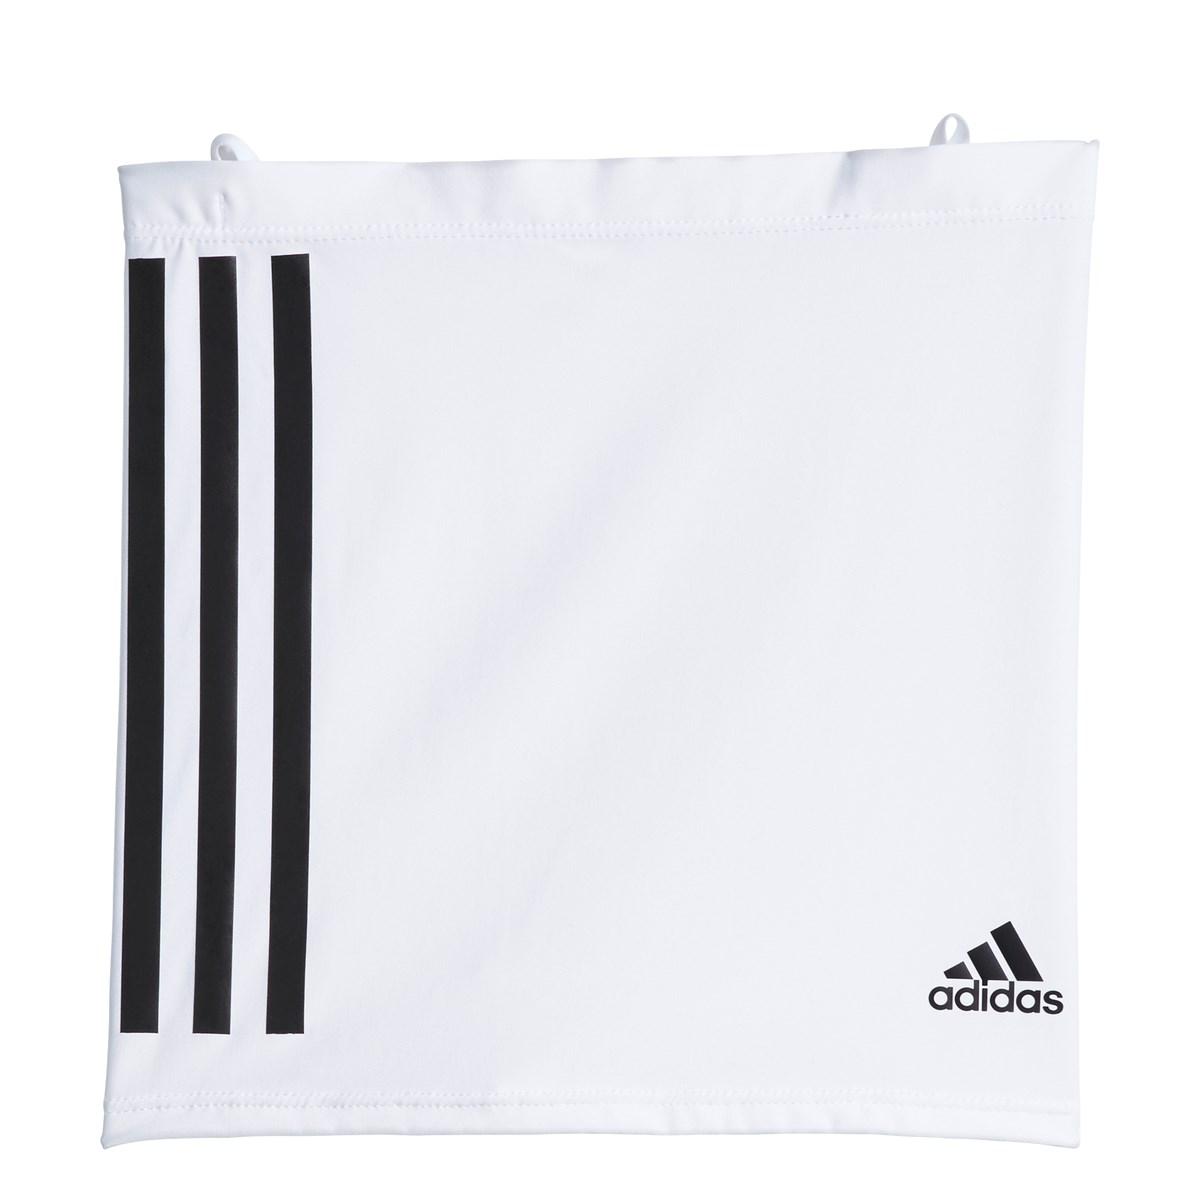 アディダス Adidas AEROREADY UVフェイスカバー ホワイト フリー